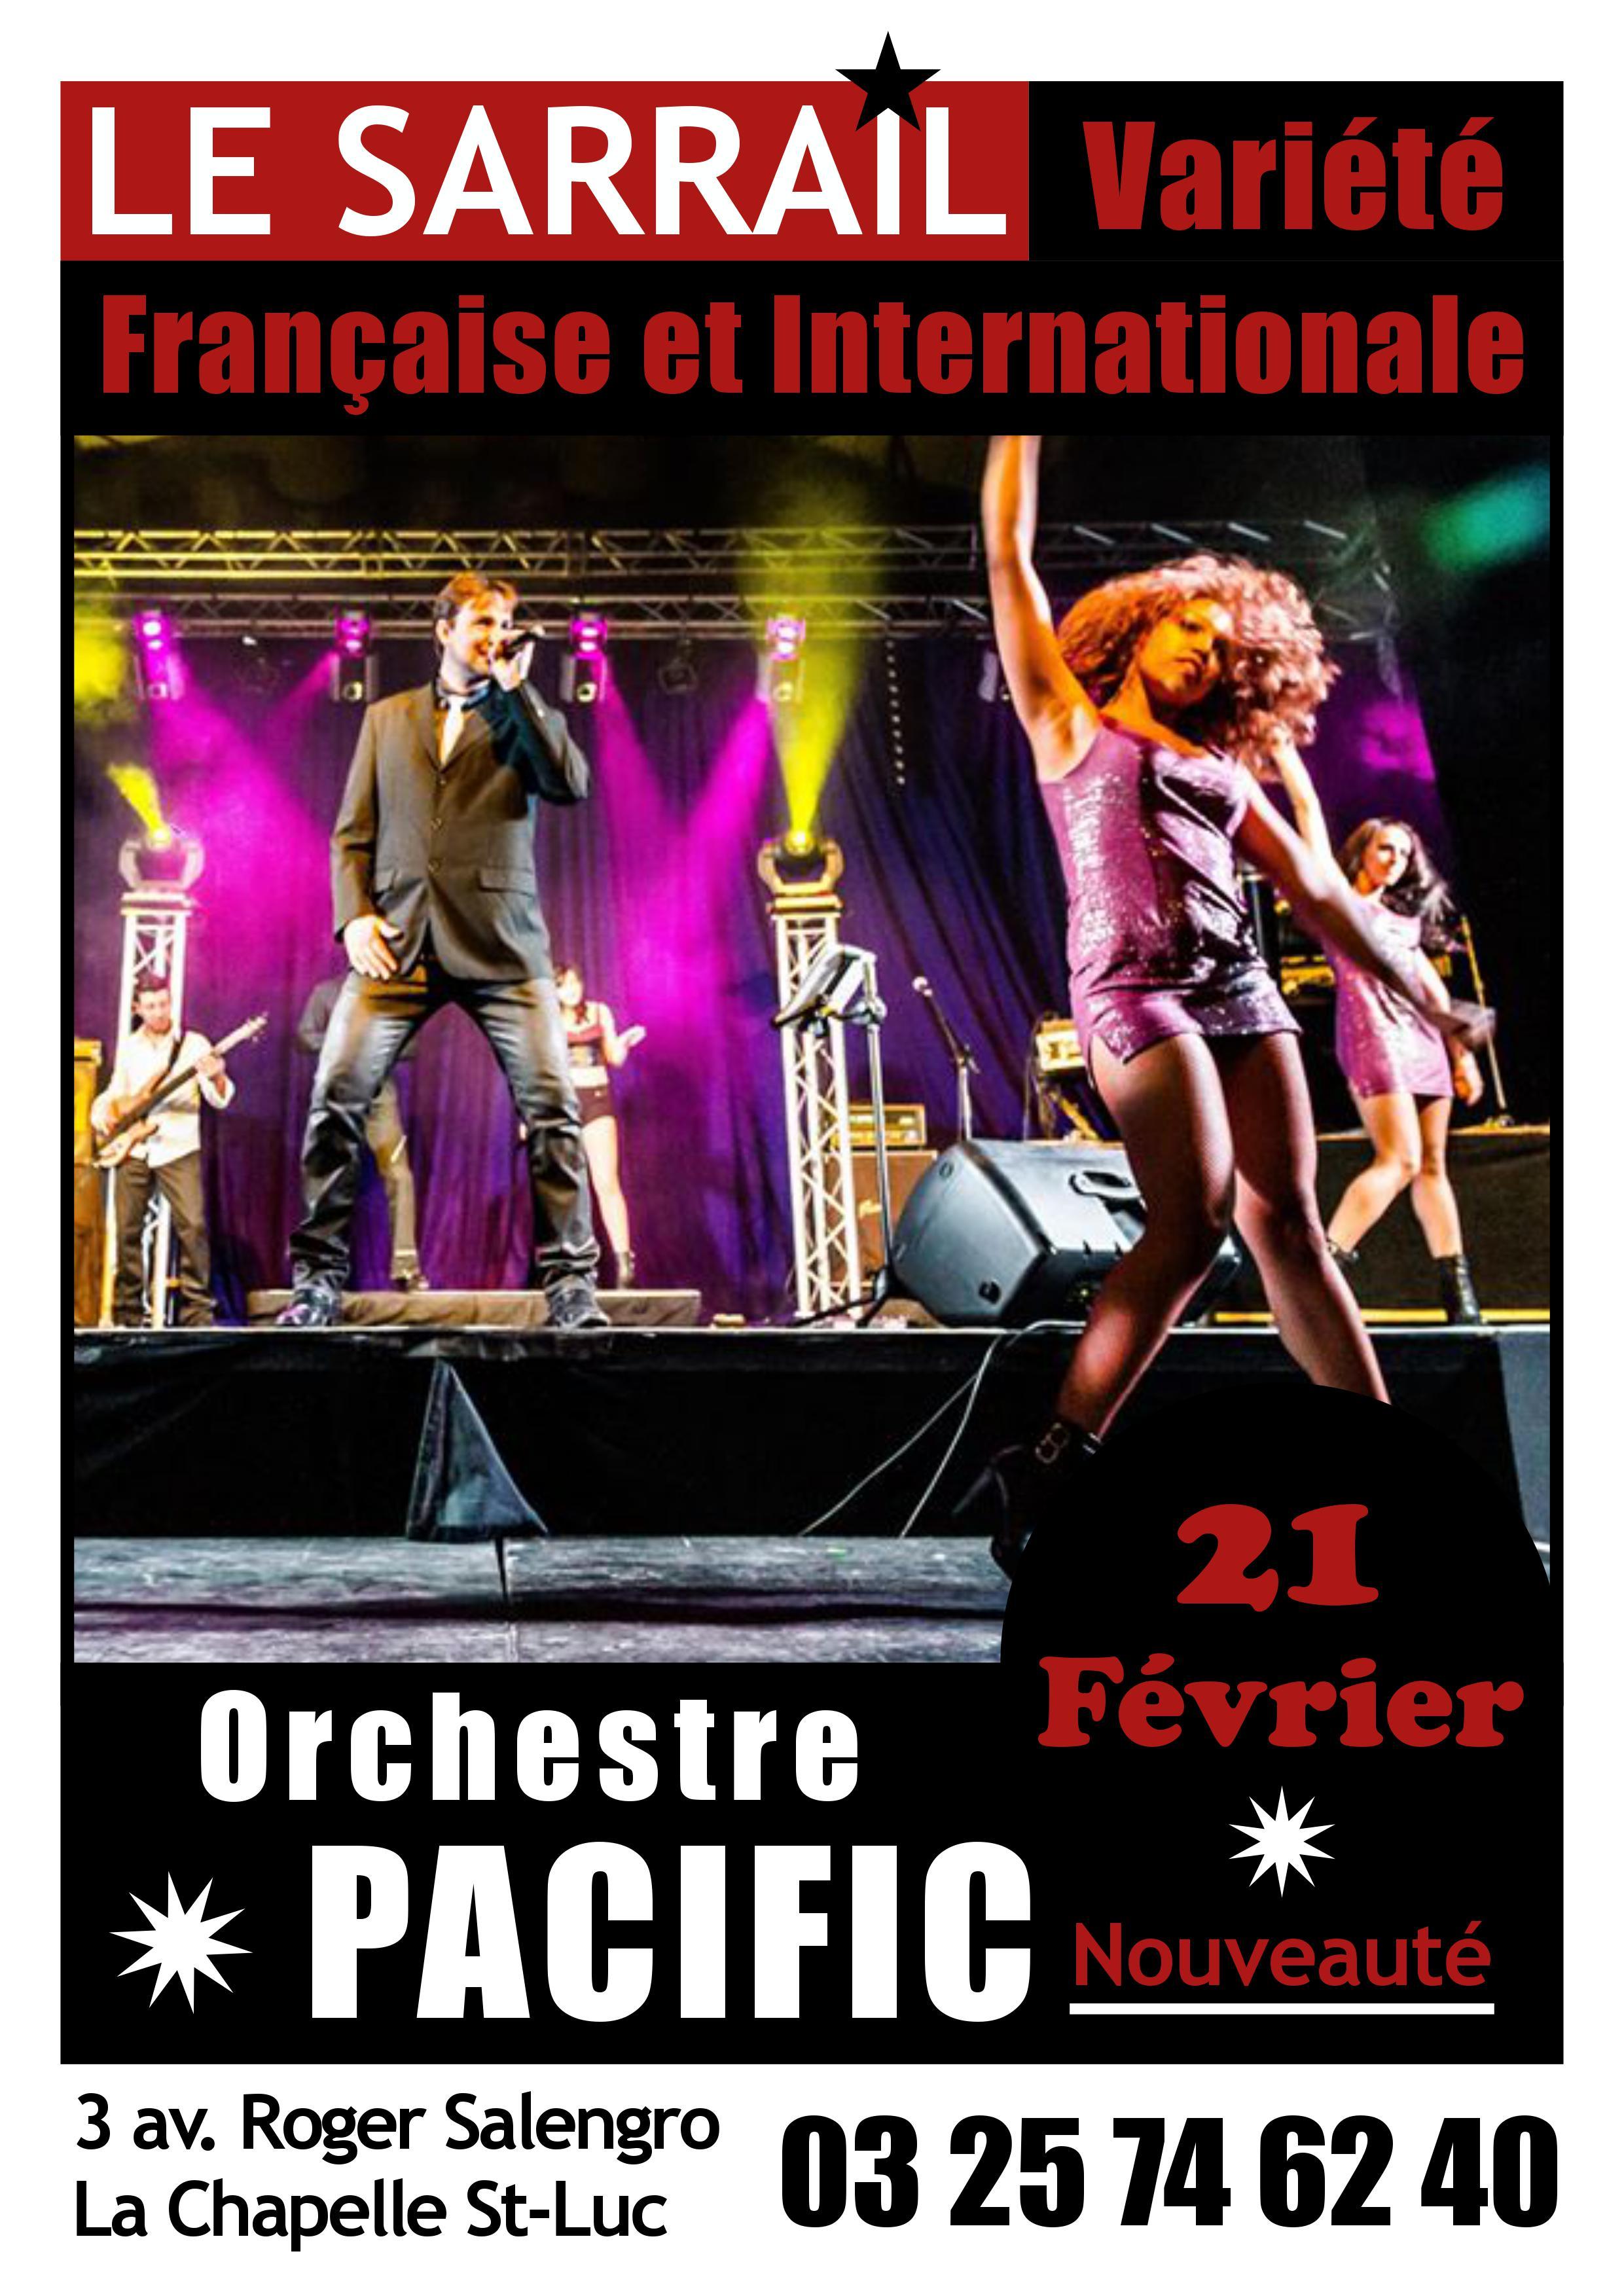 Soirée Orchestre Pacific